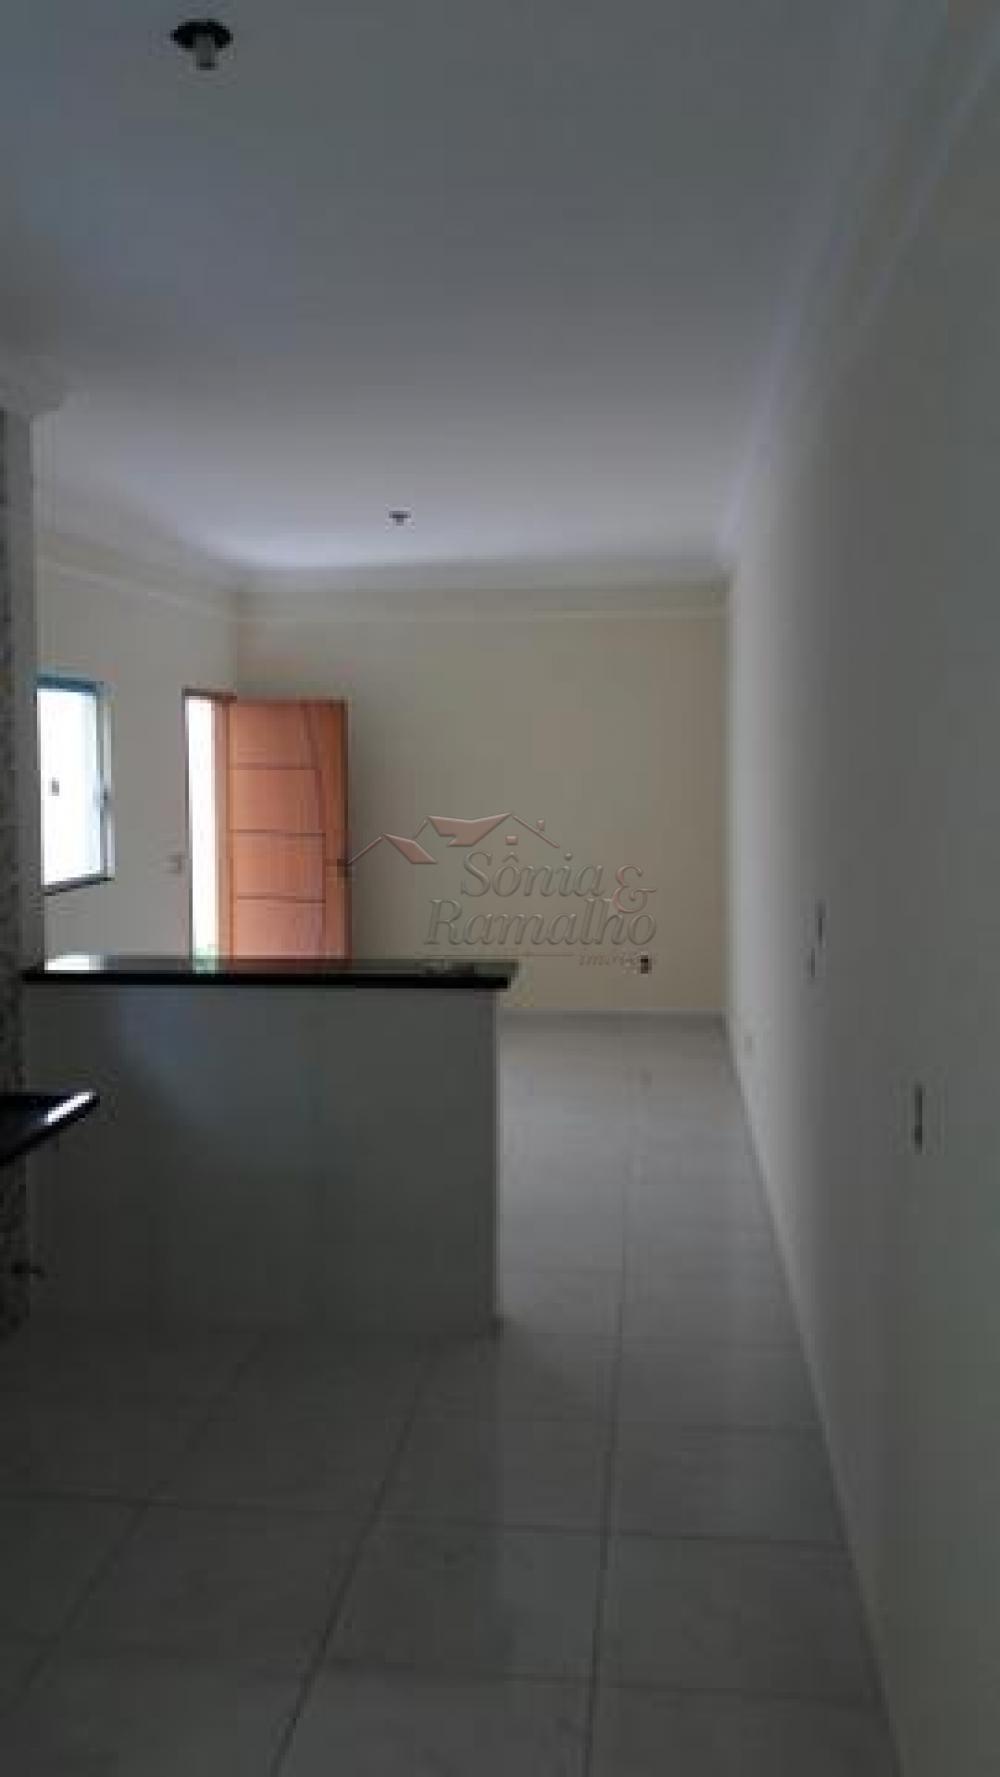 Comprar Casas / Padrão em Ribeirão Preto apenas R$ 205.000,00 - Foto 4